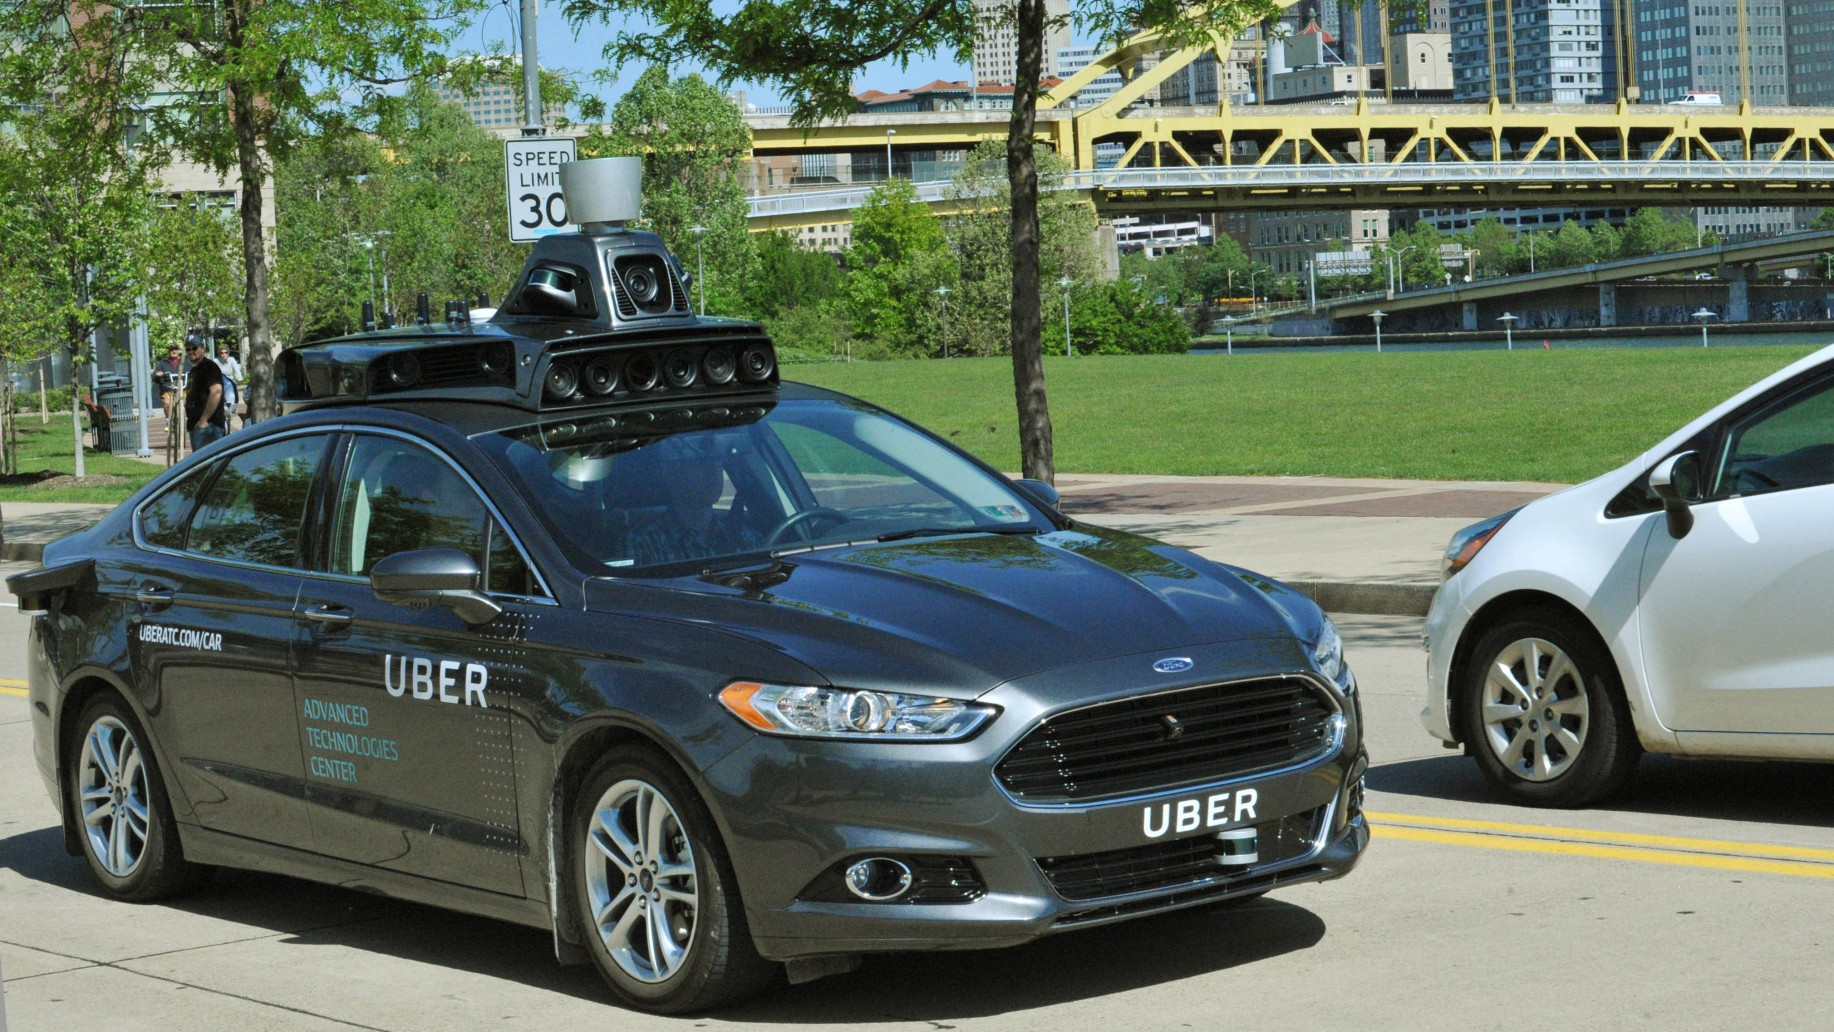 Autonomní systémy testuje i alternativní přepravní služba Uber. A není jediná.